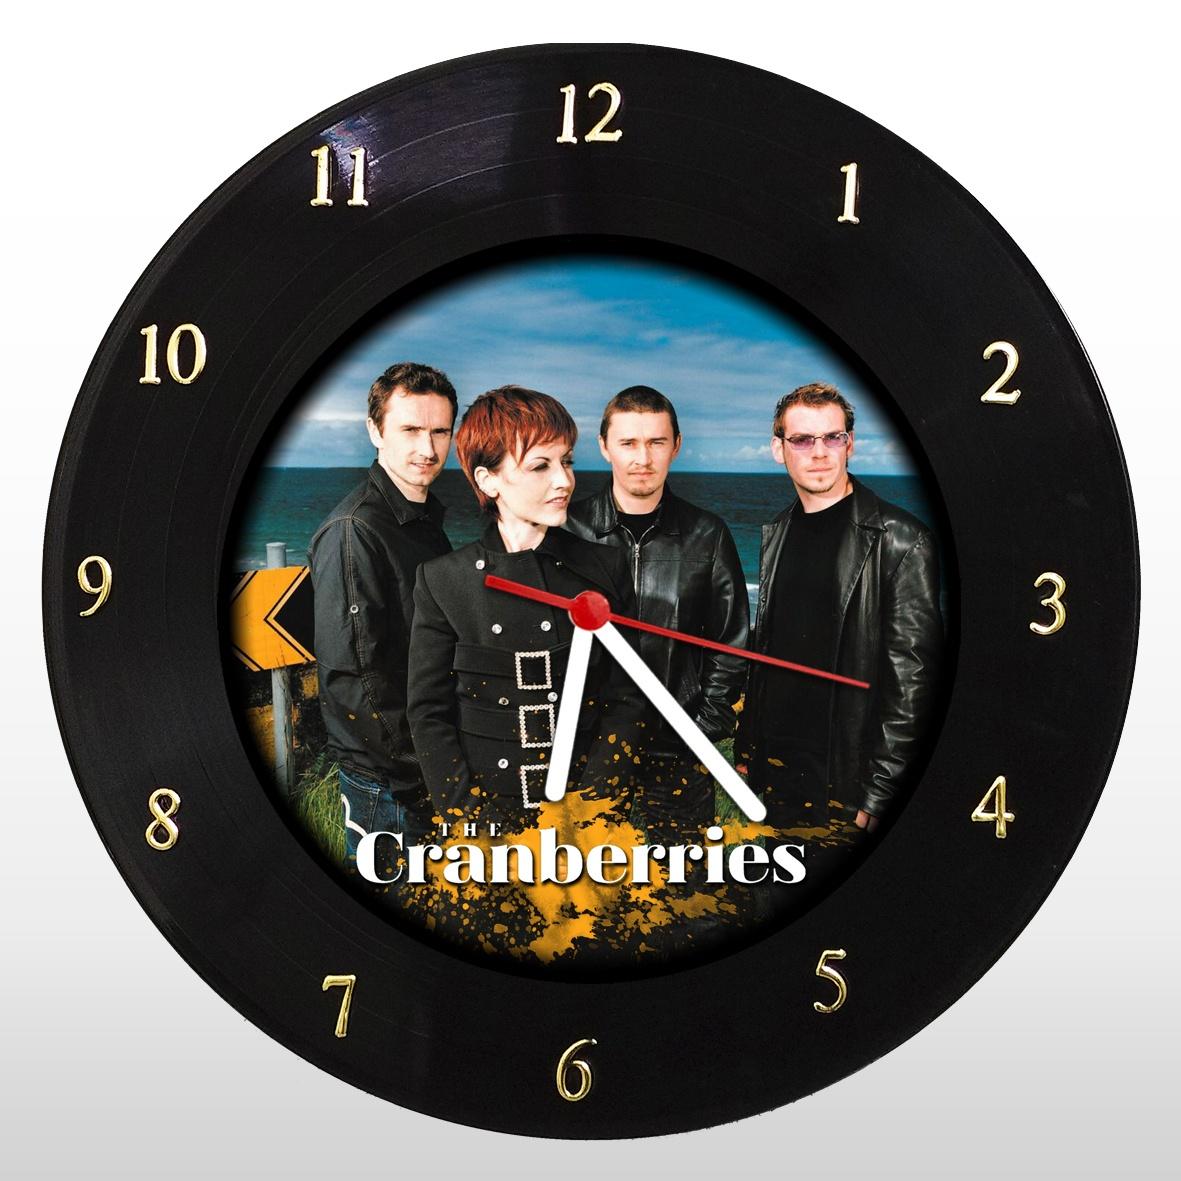 Relógio de Parede em Disco de Vinil The Cranberries - Mr. Rock